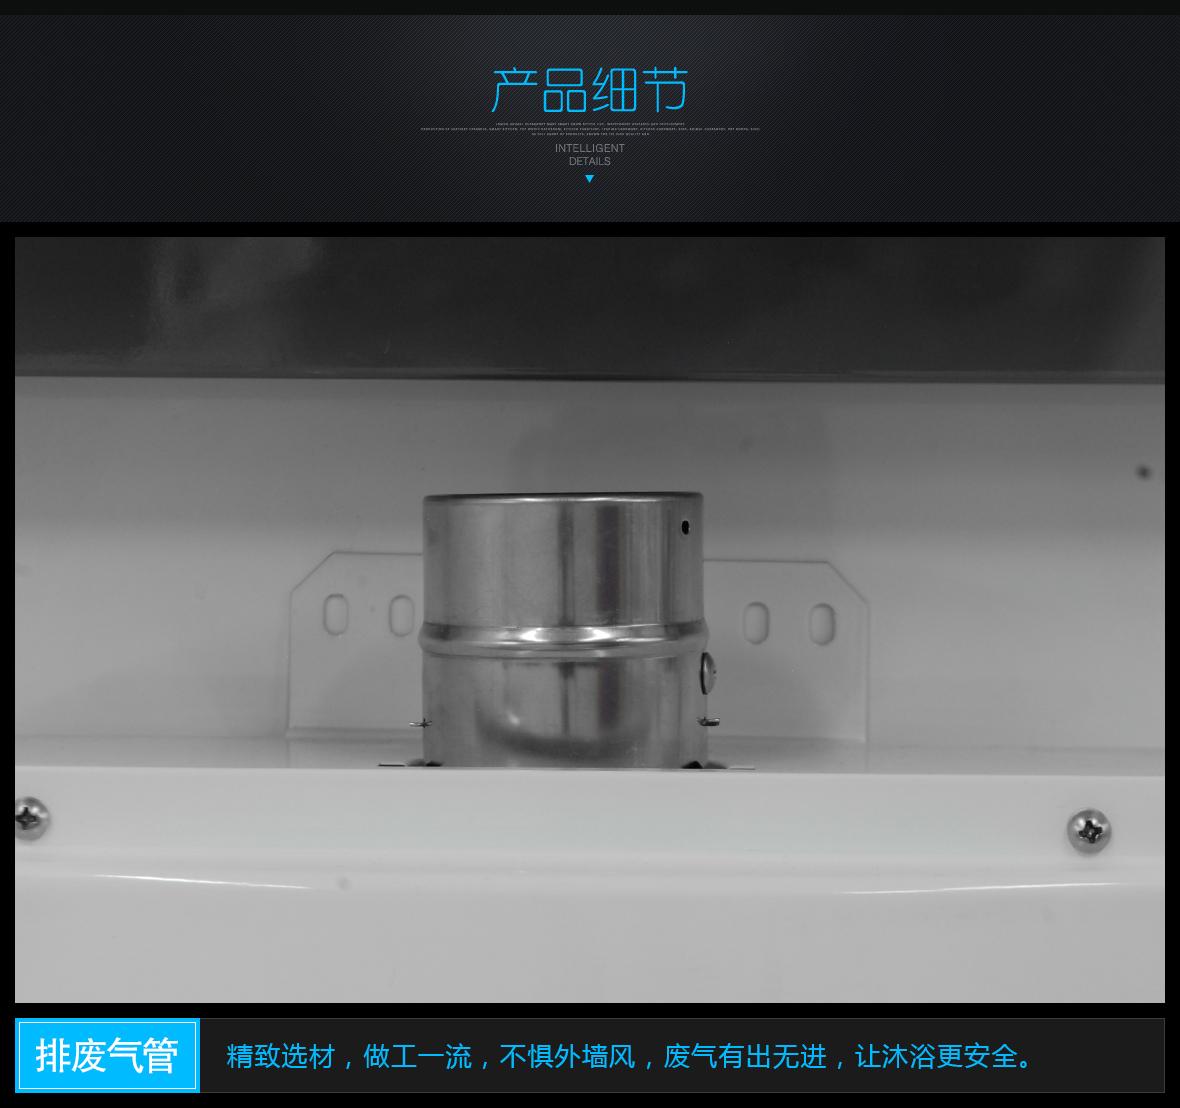 桑越海电器 NORITZ/能率GQ-11A2AFEX燃气热水器 细节展示